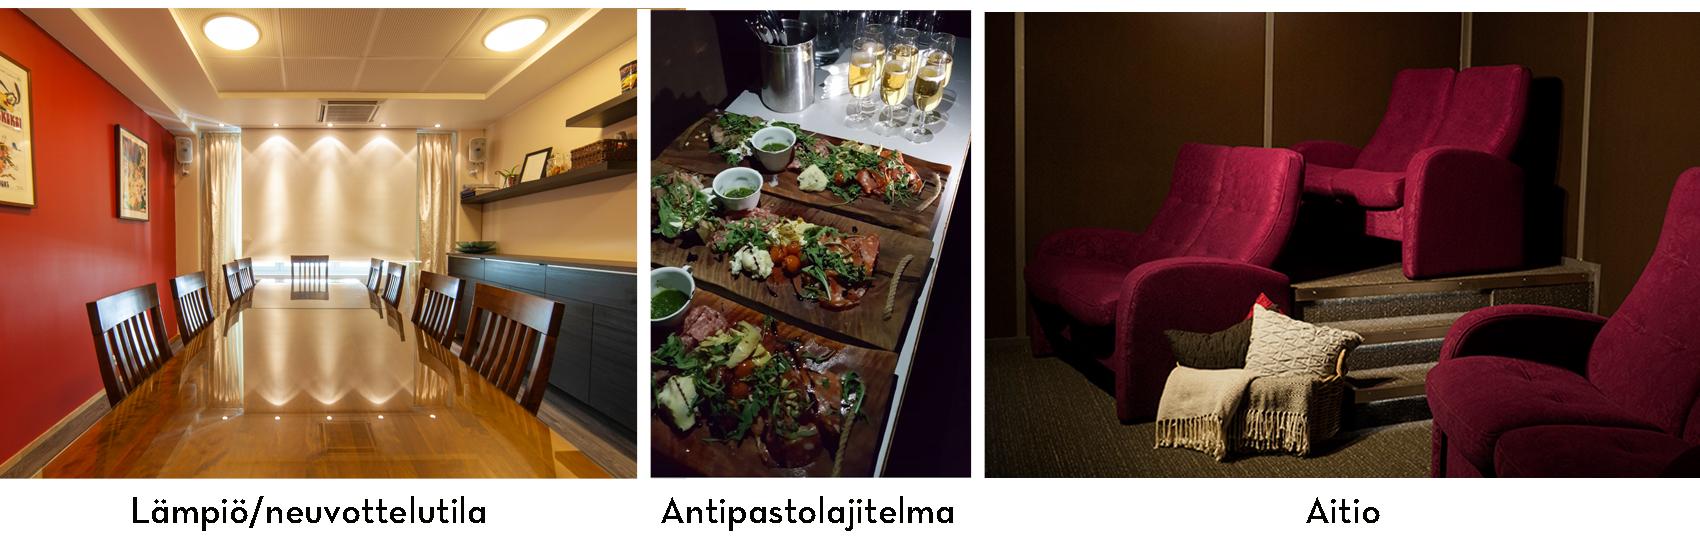 Savon Kinot - aitio - lämpiö - kokoustila - Tapio